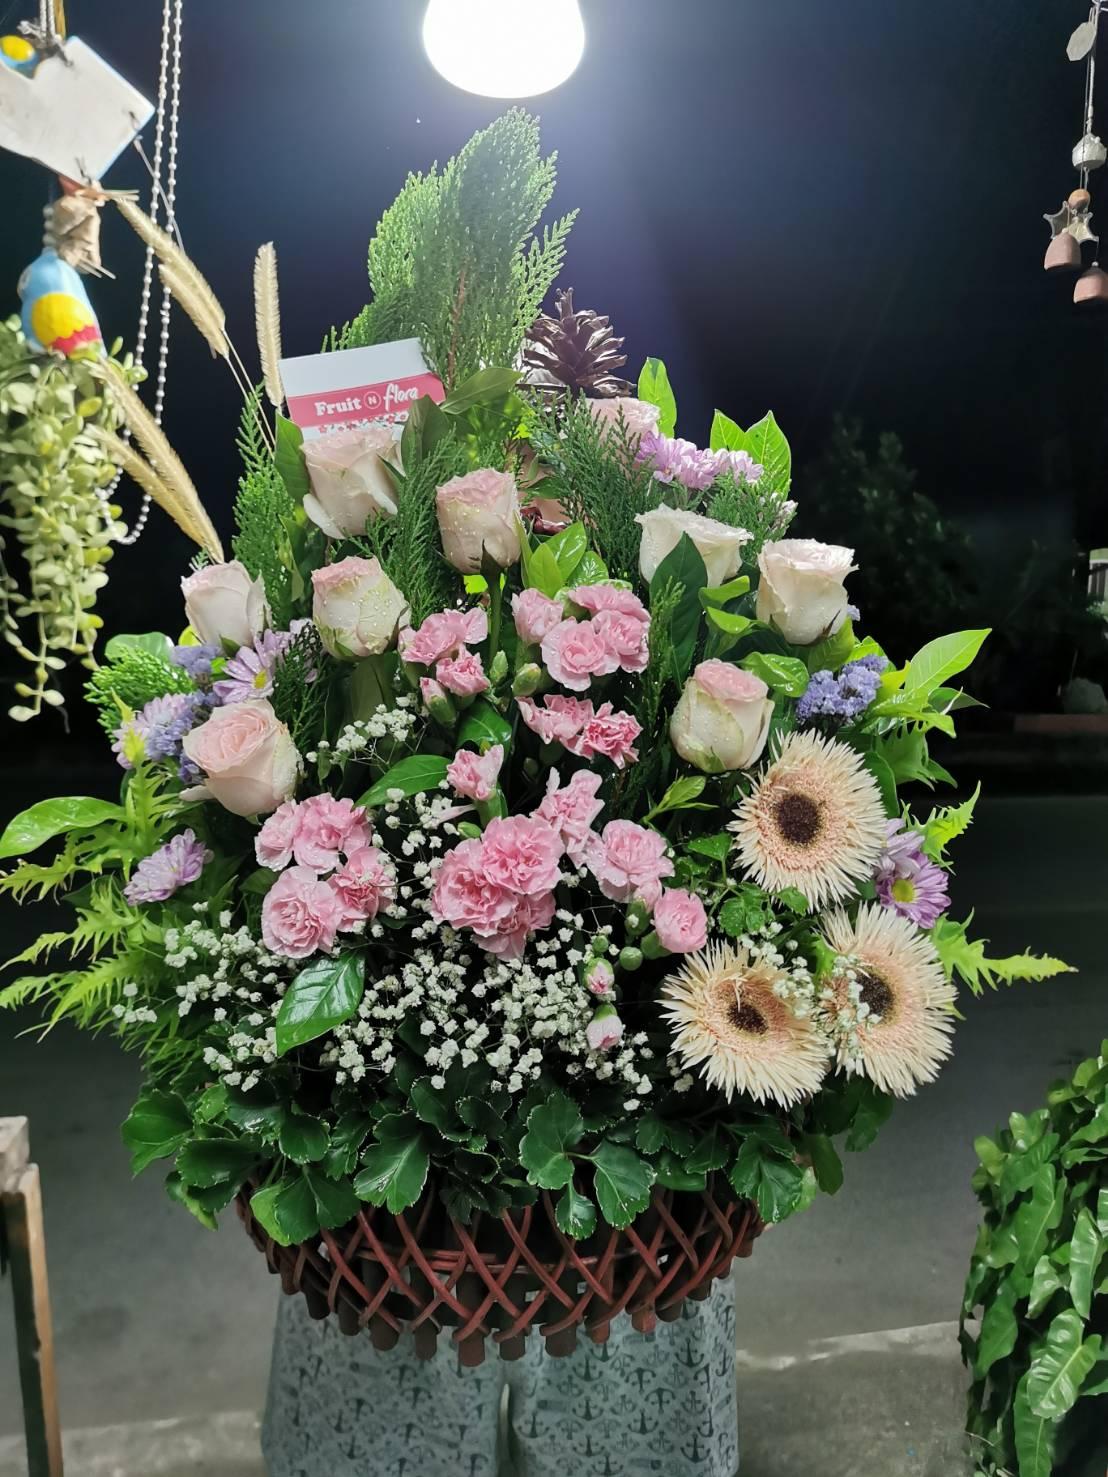 กระเช้าดอกไม้สุดพิเศษ สวยงามด้วยดอกไม้คัดเกรดหลากหลายชนิดนะคะ